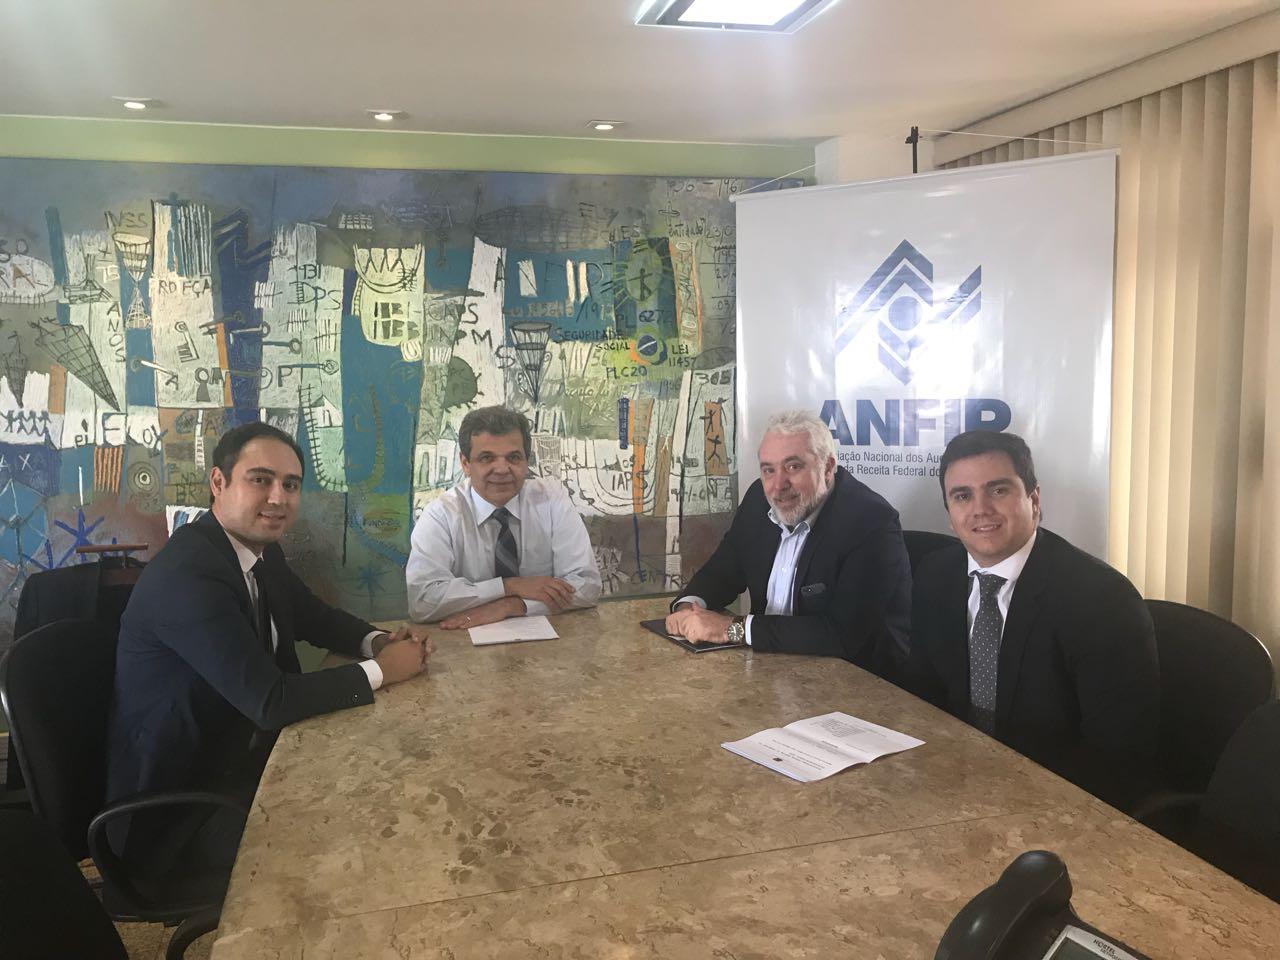 ANEInfra e ANFIP fazem reunião e defendem parceria de entidades